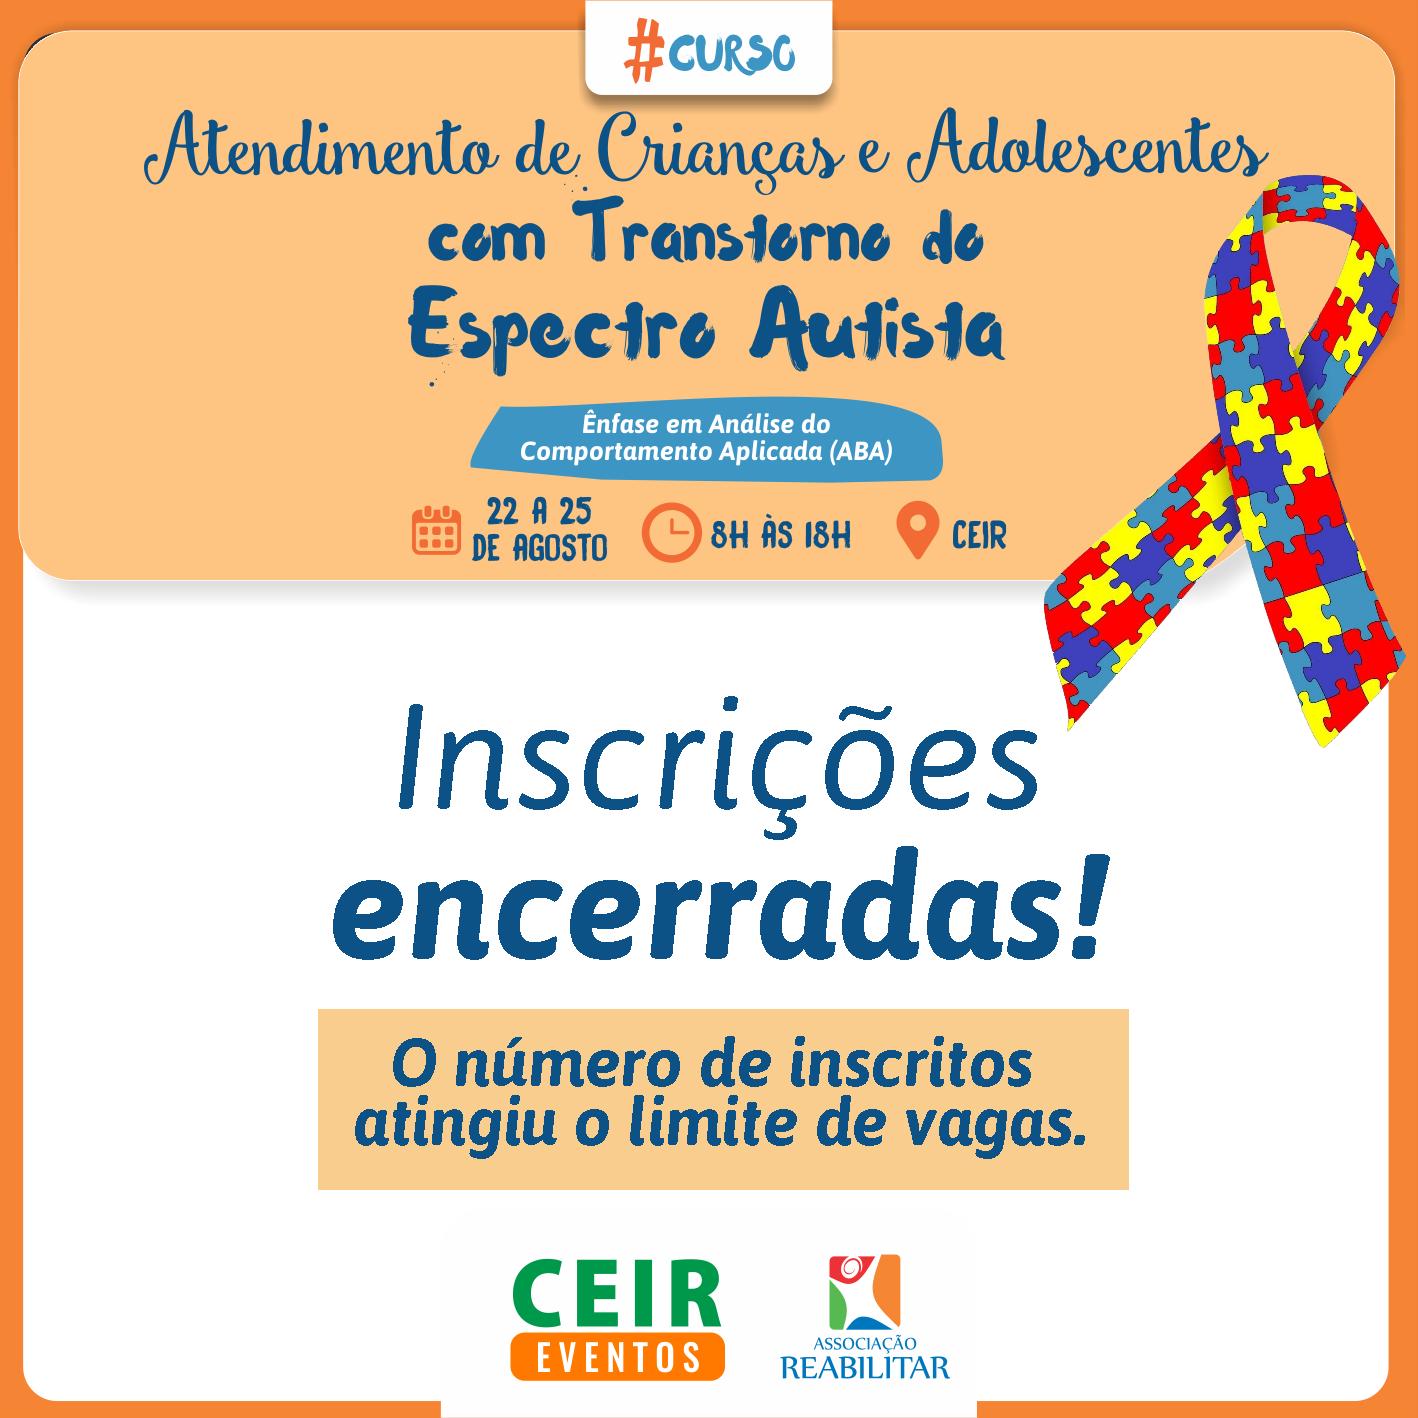 Curso de Atendimento de Crianças e Adolescentes com Transtorno do Espectro Autista